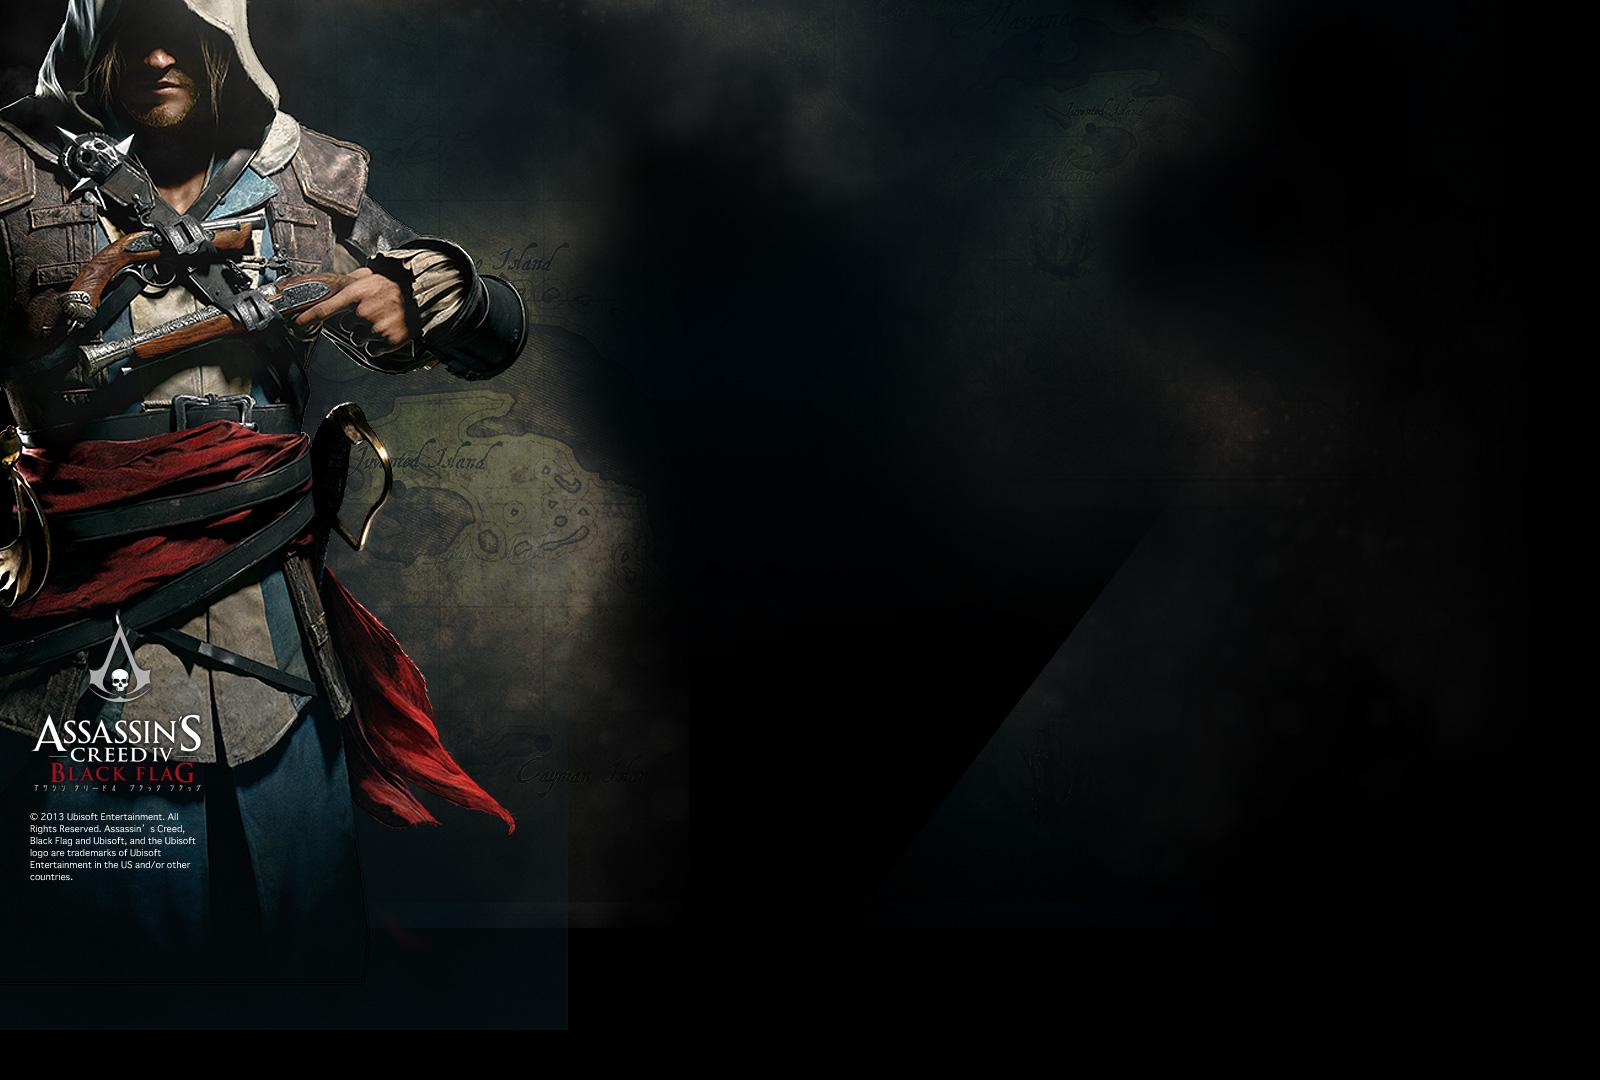 Assassin S Creed 4 Black Flag アサシン クリードiv ブラック フラッグ 壁紙 アイコン ダウンロード Ubisoft